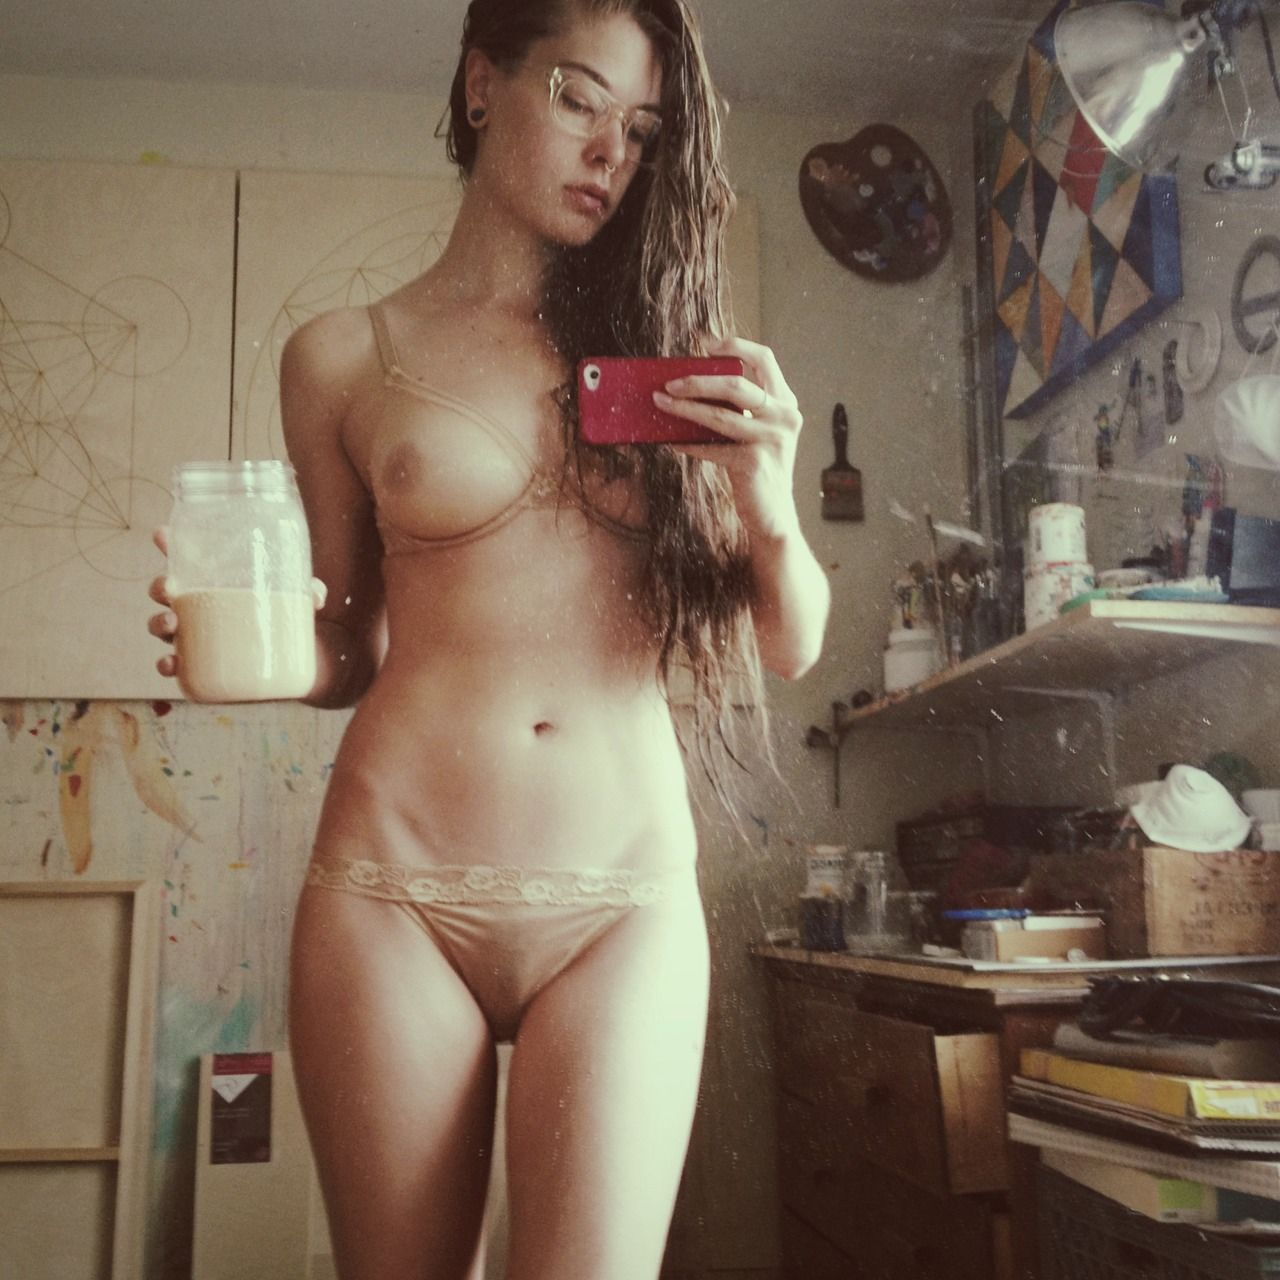 выложенные фото голых девушек в сети